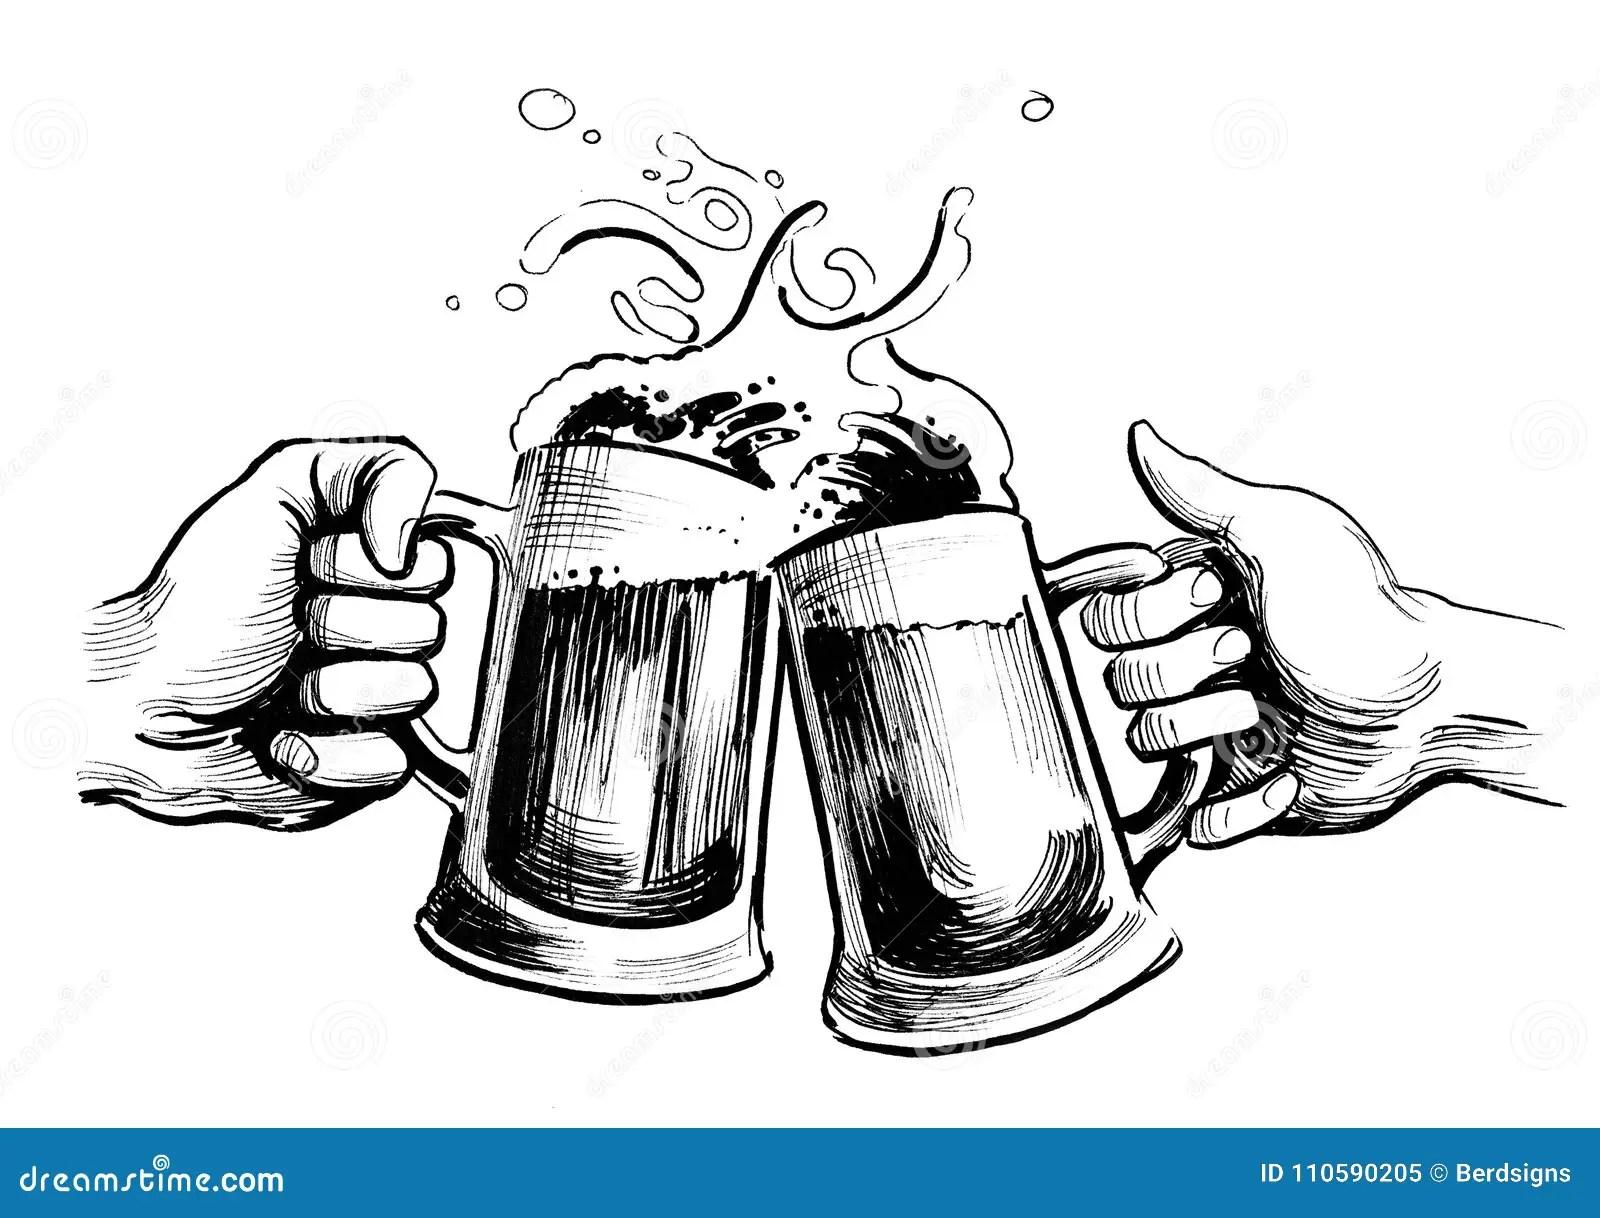 Drinking Beer Stock Illustration Illustration Of Cheering